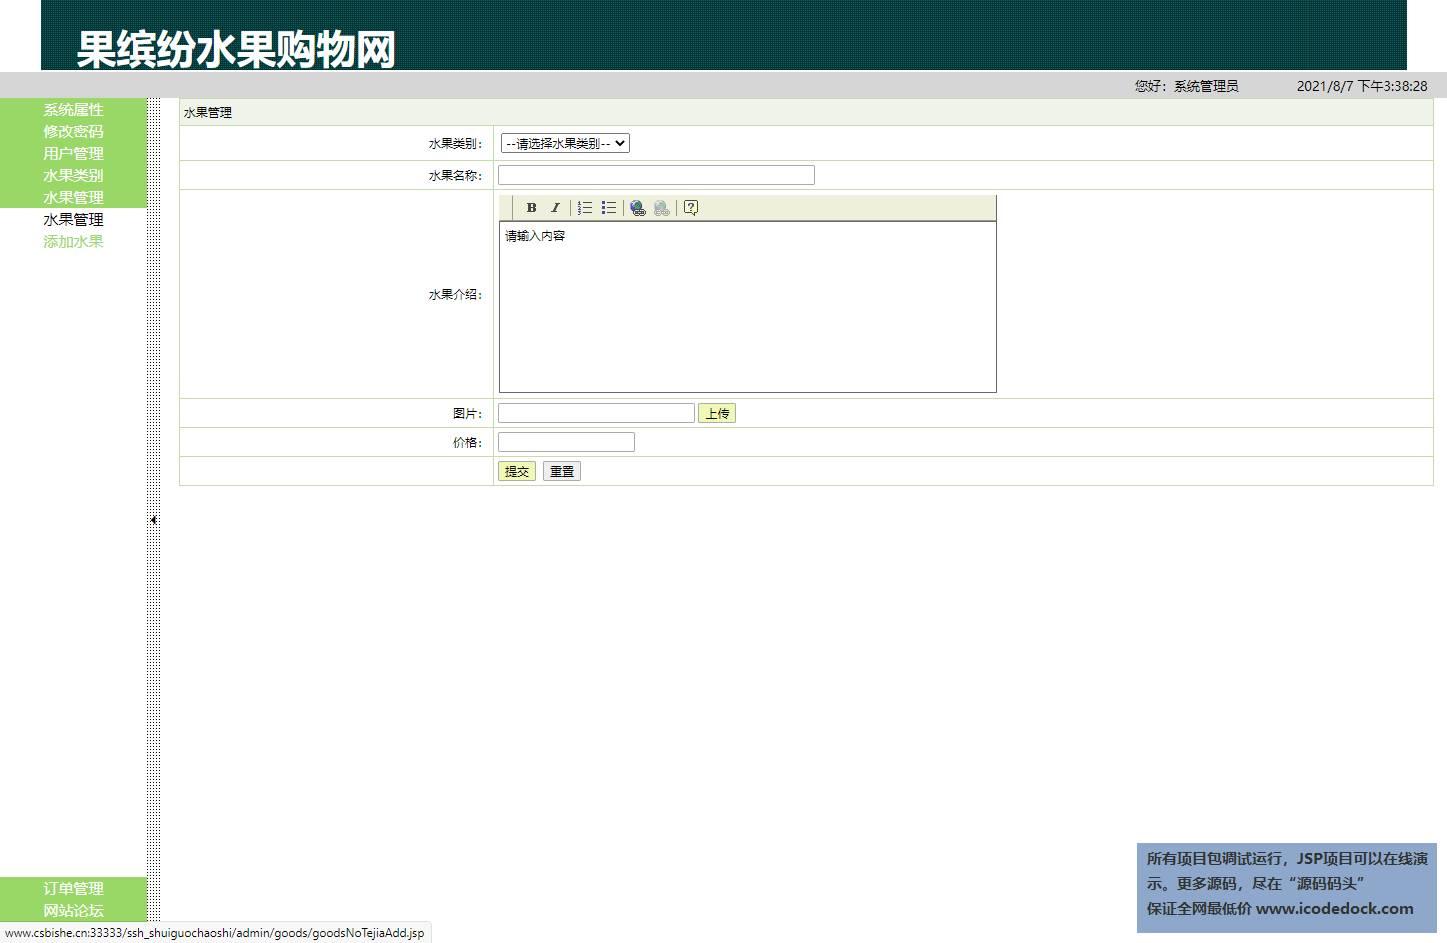 源码码头-SSH在线水果商城平台含管理系统-管理员角色-水果管理